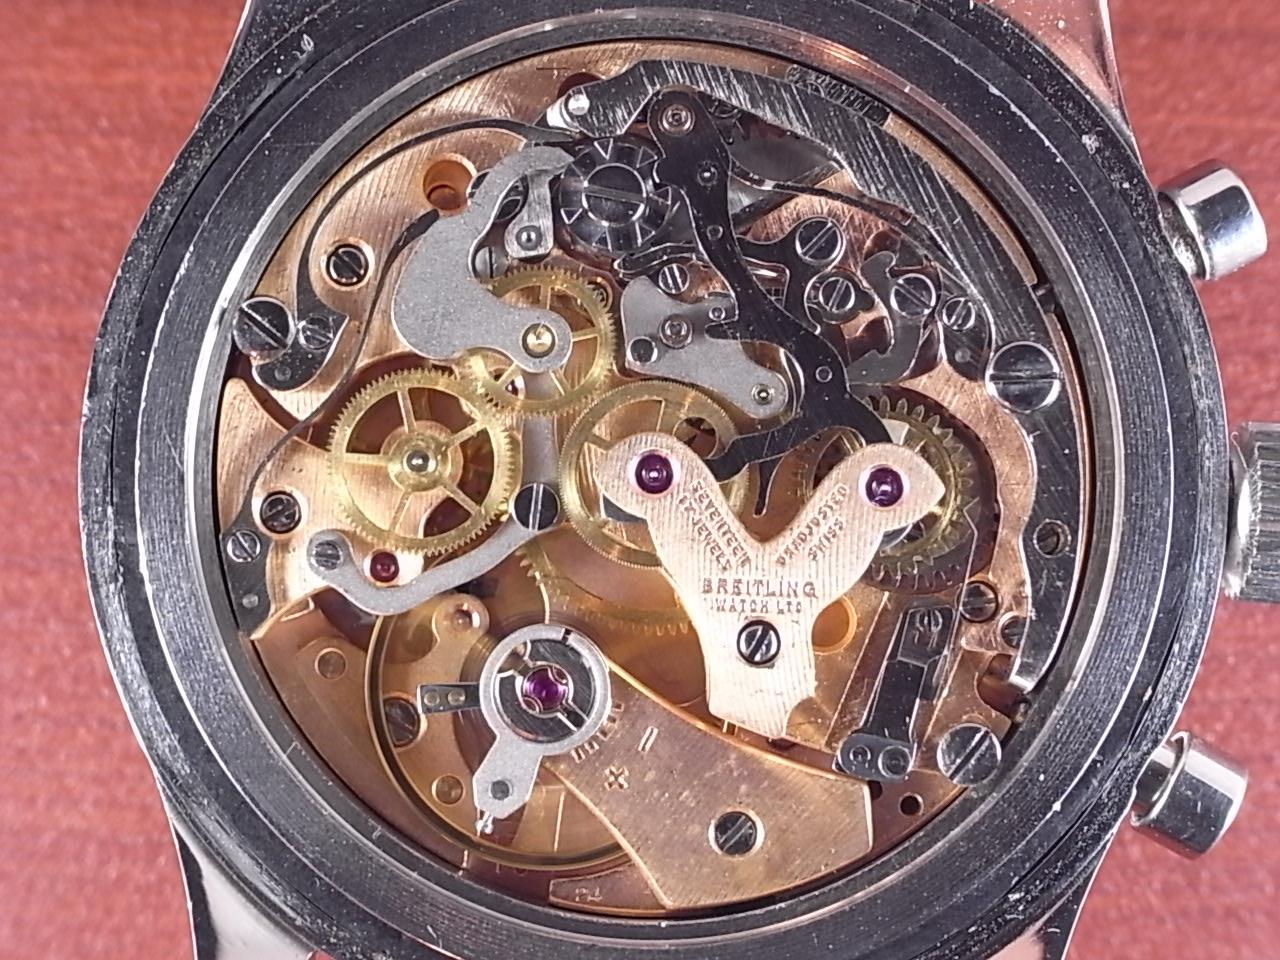 ブライトリング コスモノート Ref.809 24時間時計 ギャラ付き 1960年代の写真5枚目